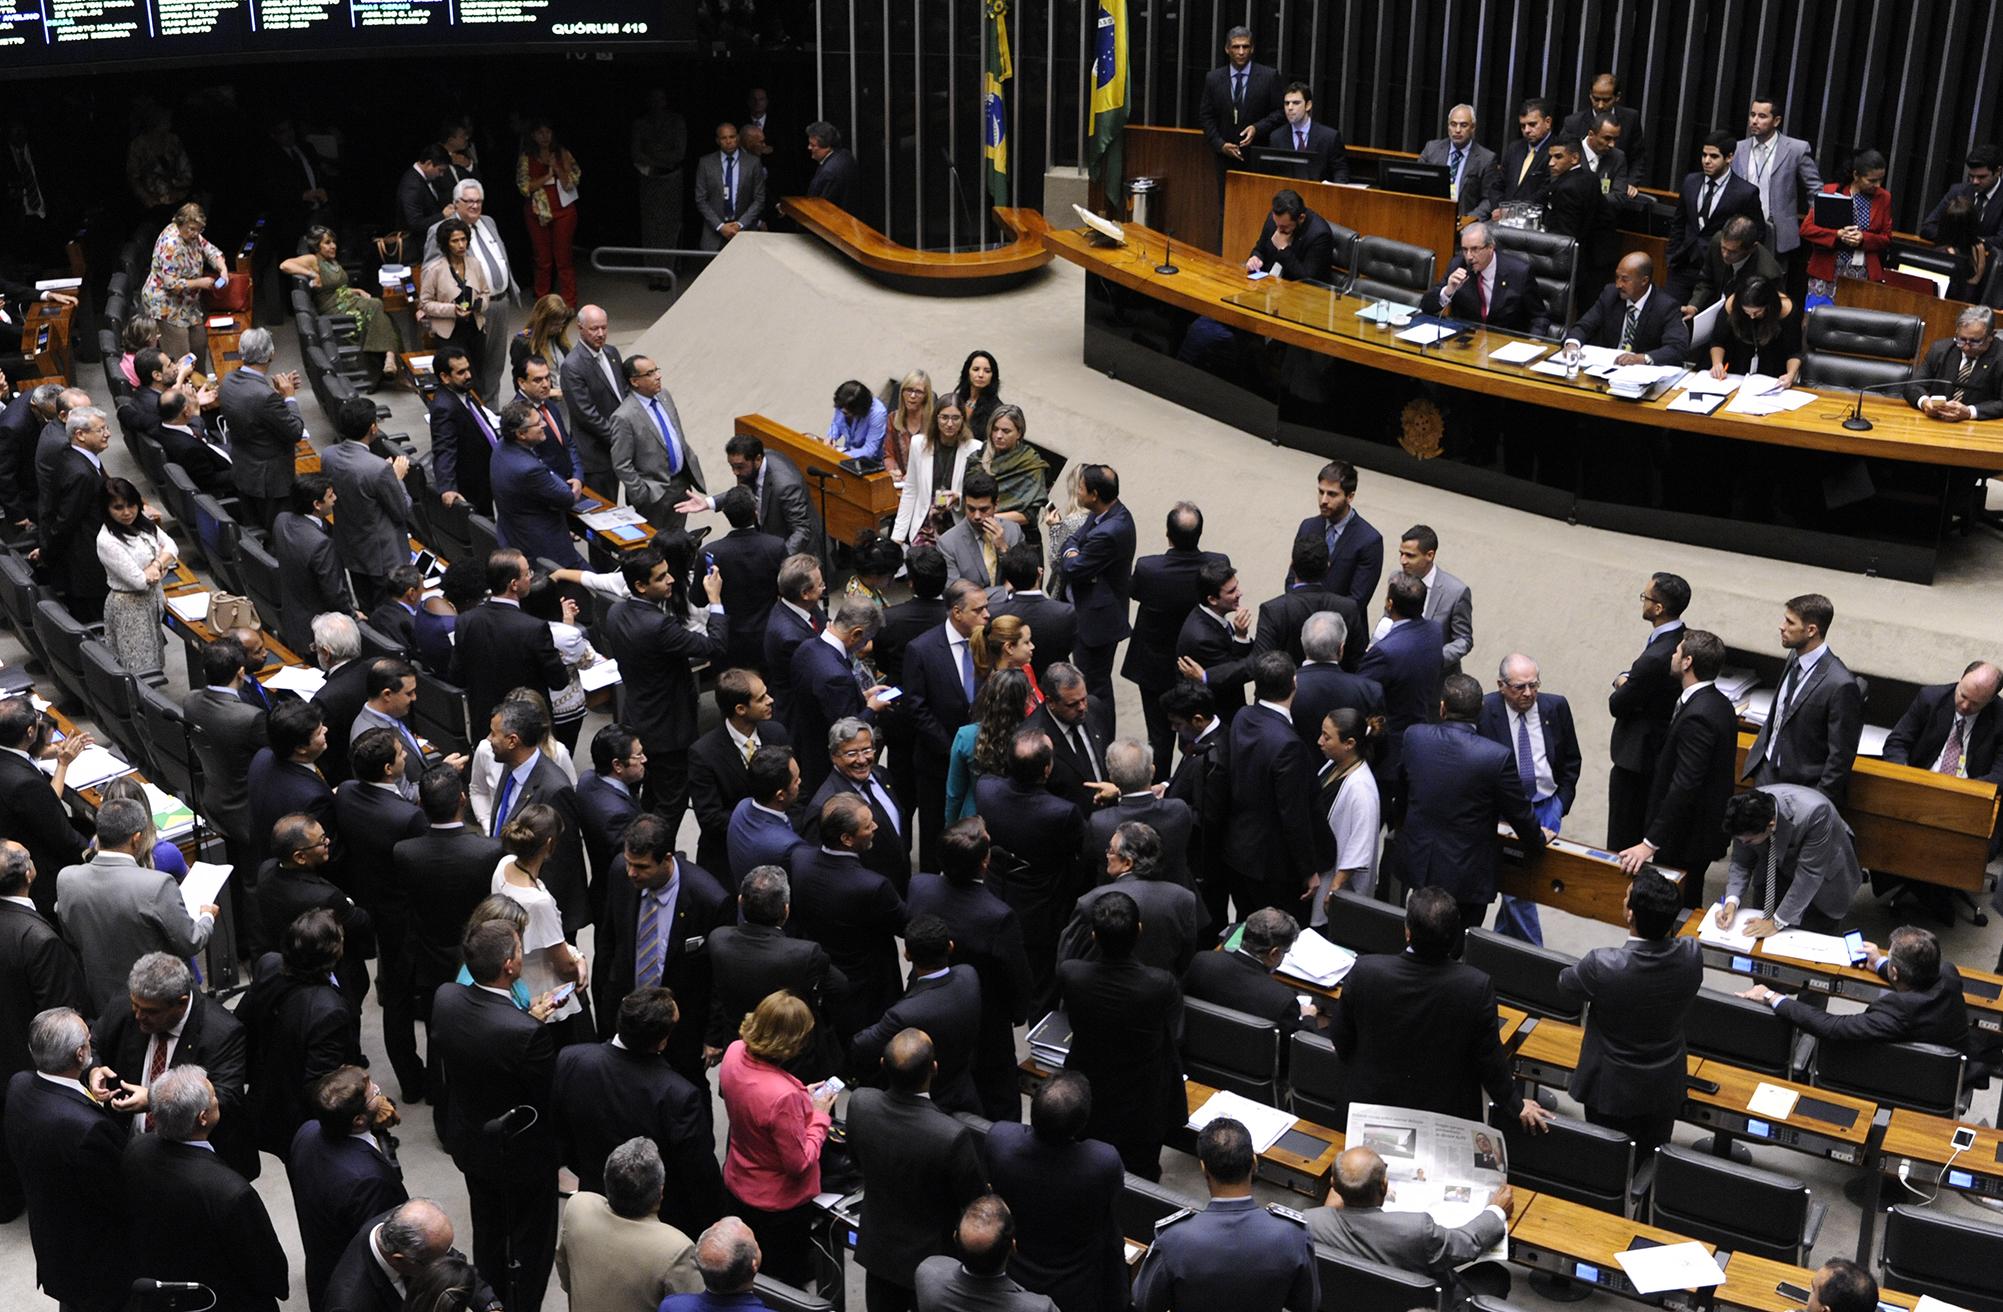 Votação da Proposta de Emenda Constitucional foi viabilizada após negociações entre o governo, a Frente Parlamentar da Saúde, a relatora e o líder do governo